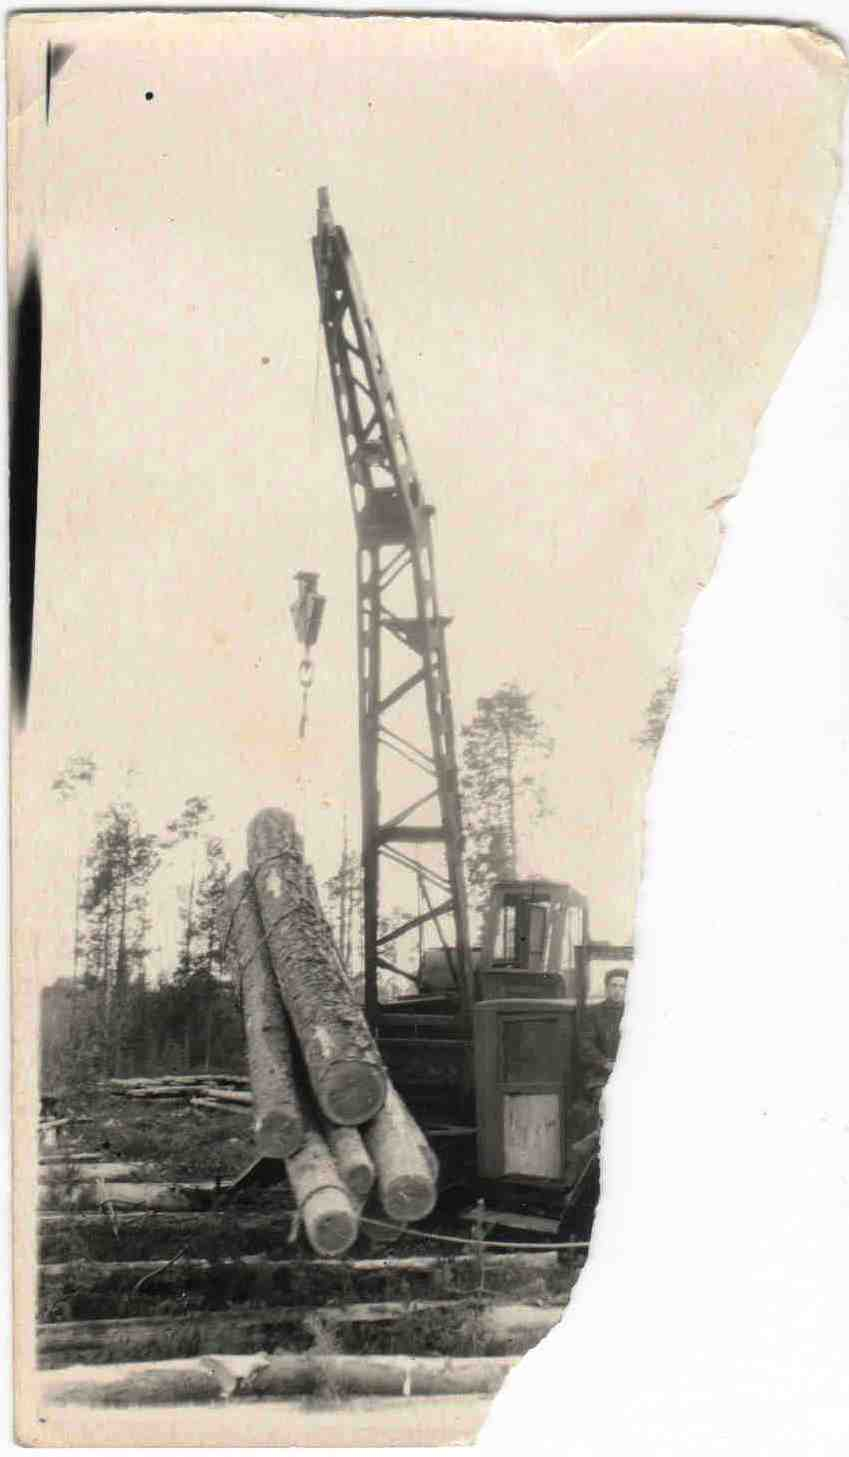 Автомобили ЗИС на погрузке и вывозке леса, п.Вандыш, 1950-е (1)